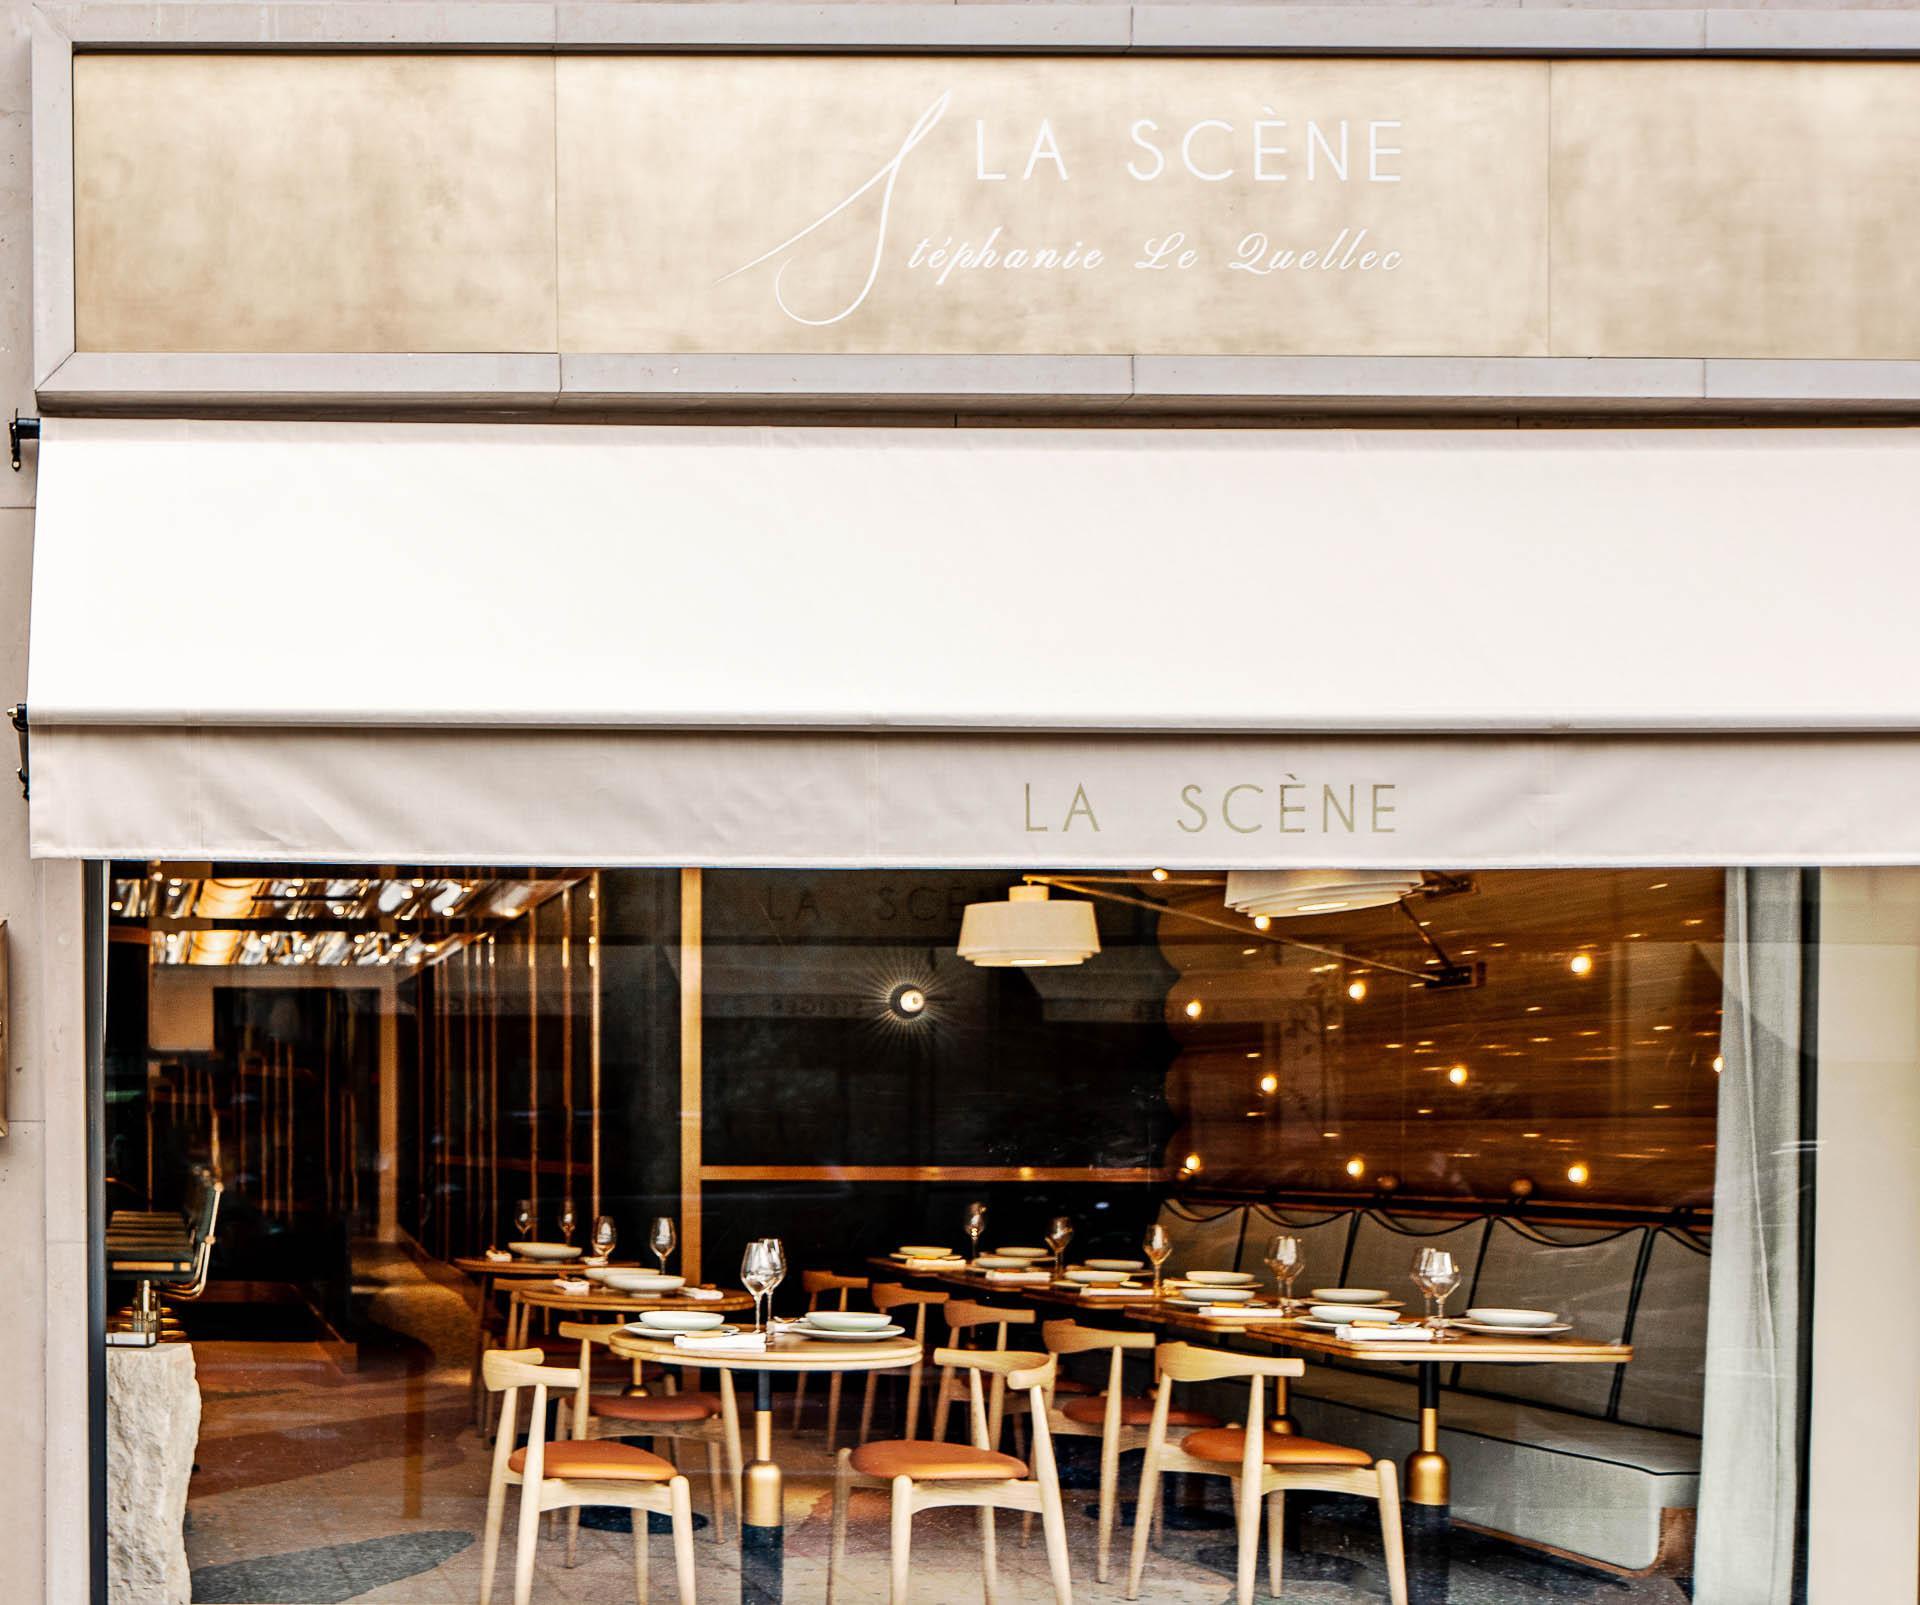 La Scène par Stéphanie Le Quellec - Le restaurant vu depuis l'avenue Matignon © Benoit Linero